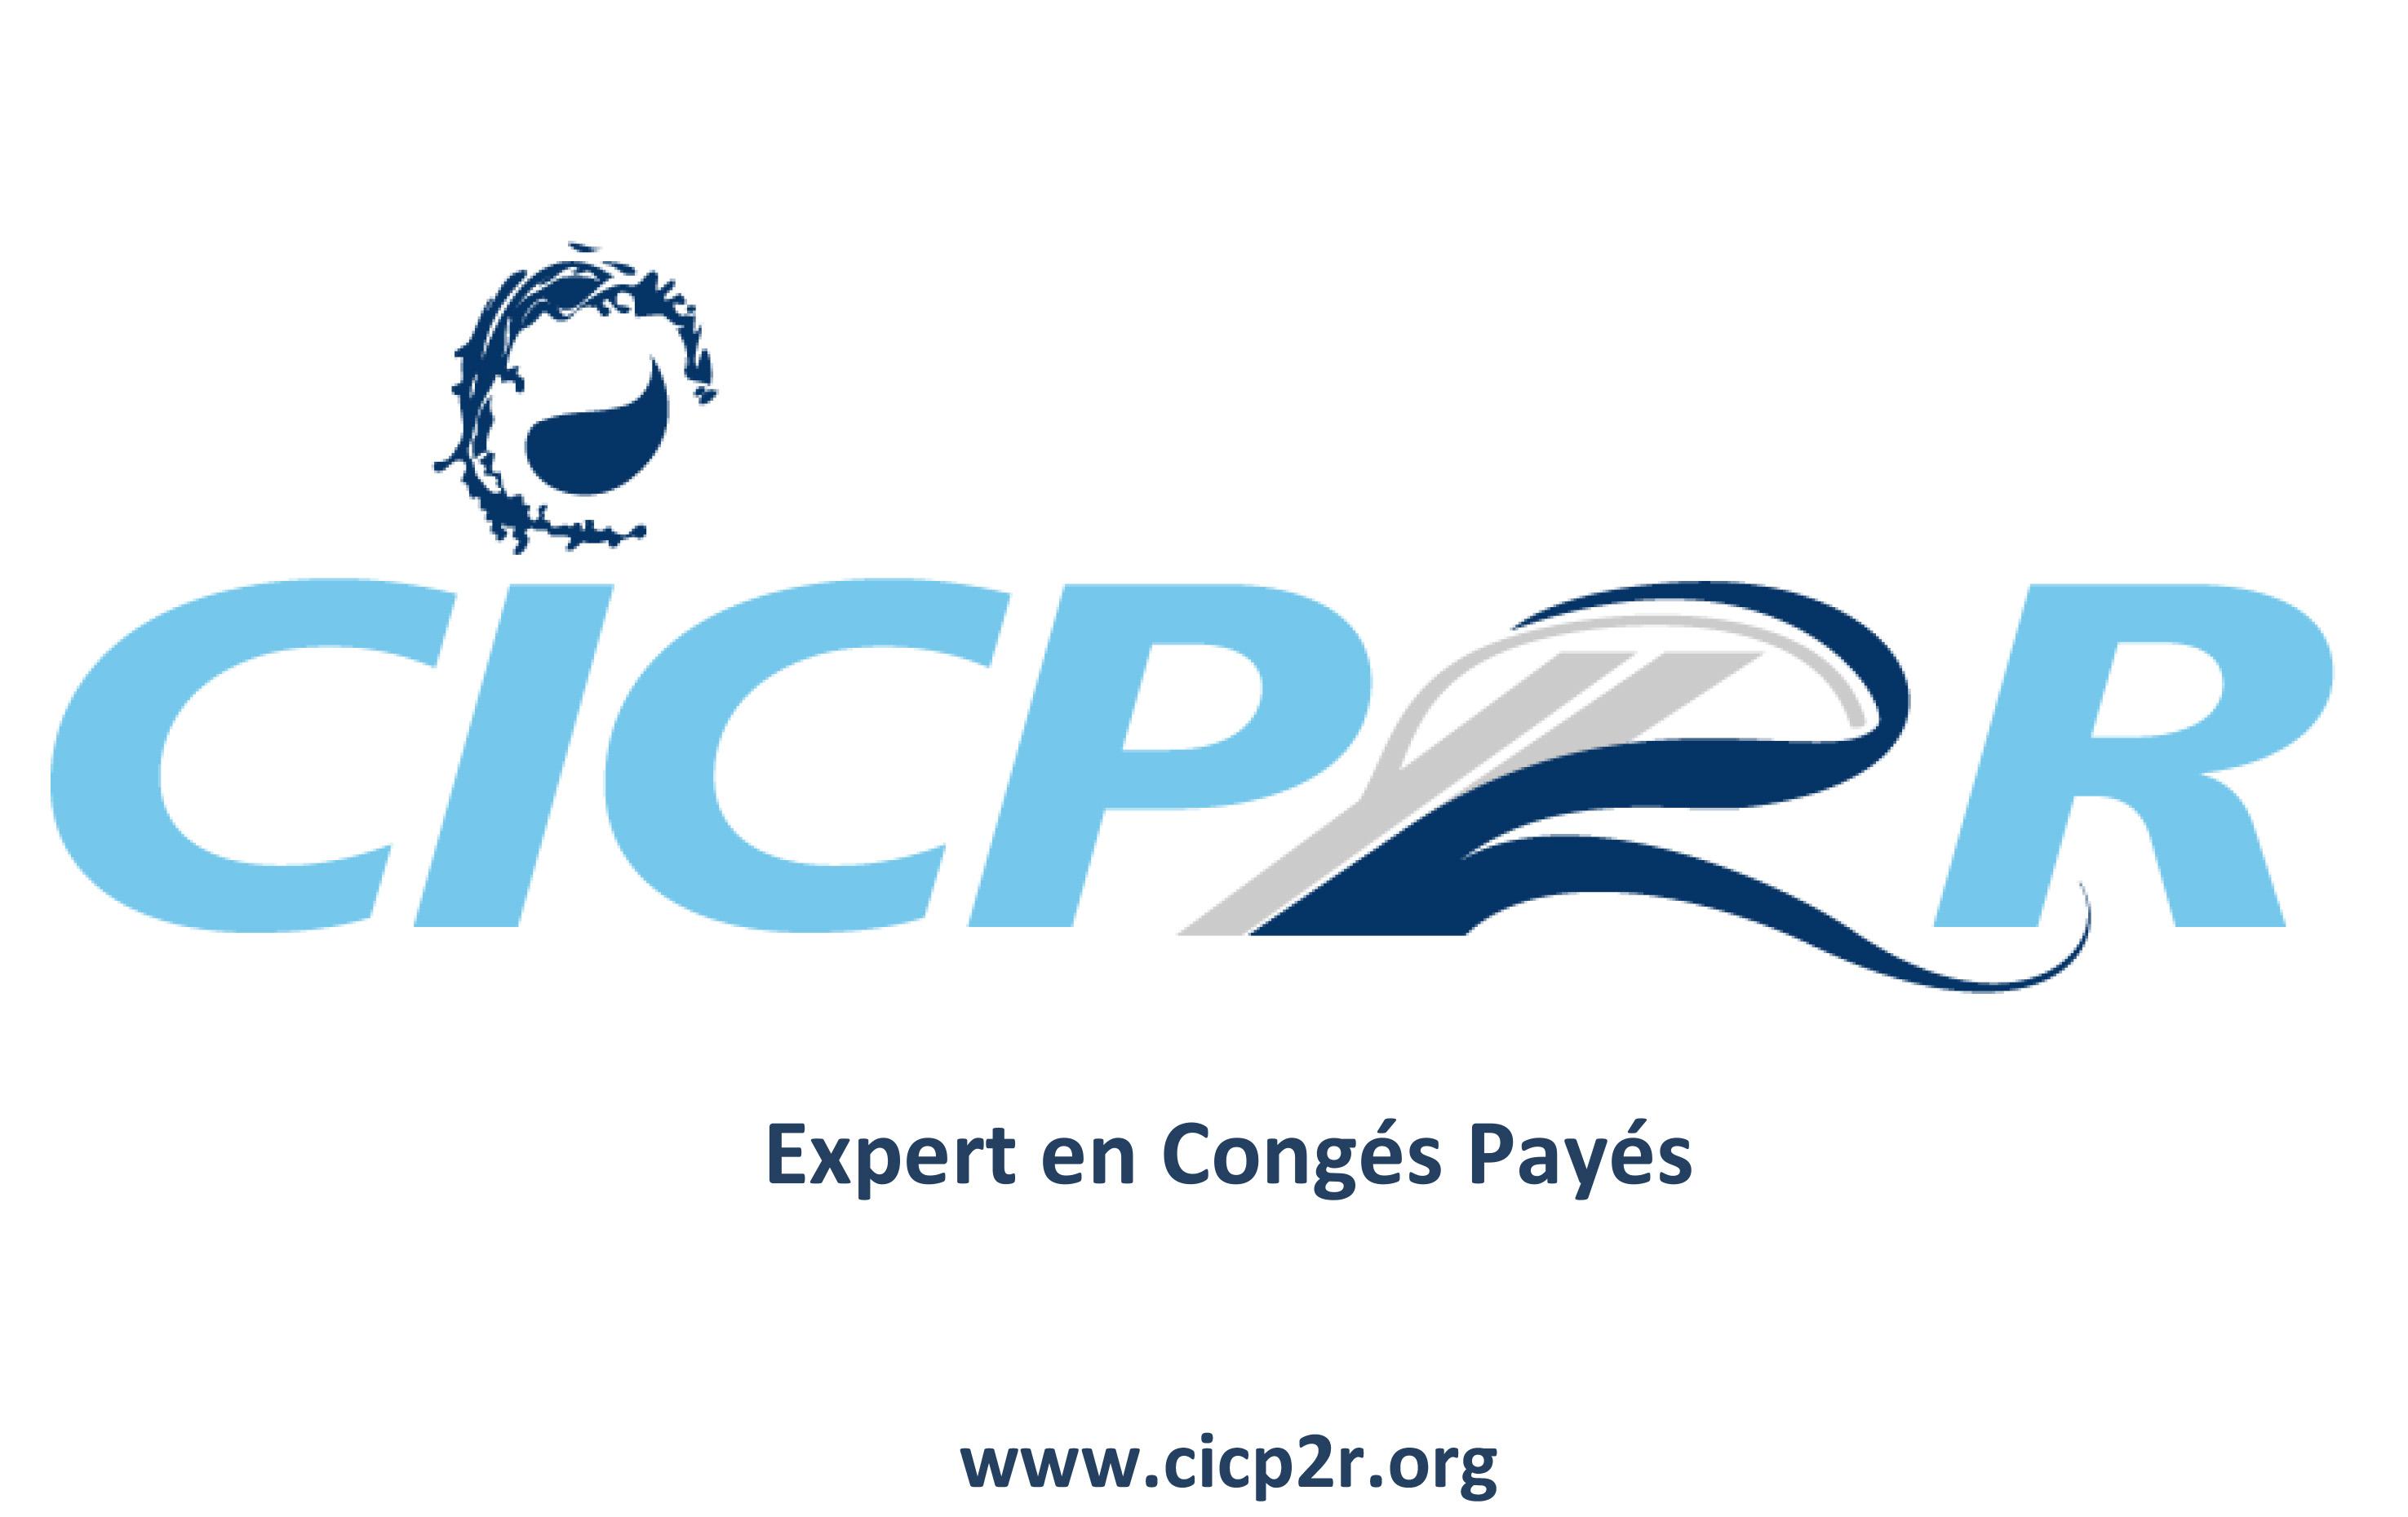 cicp2r new